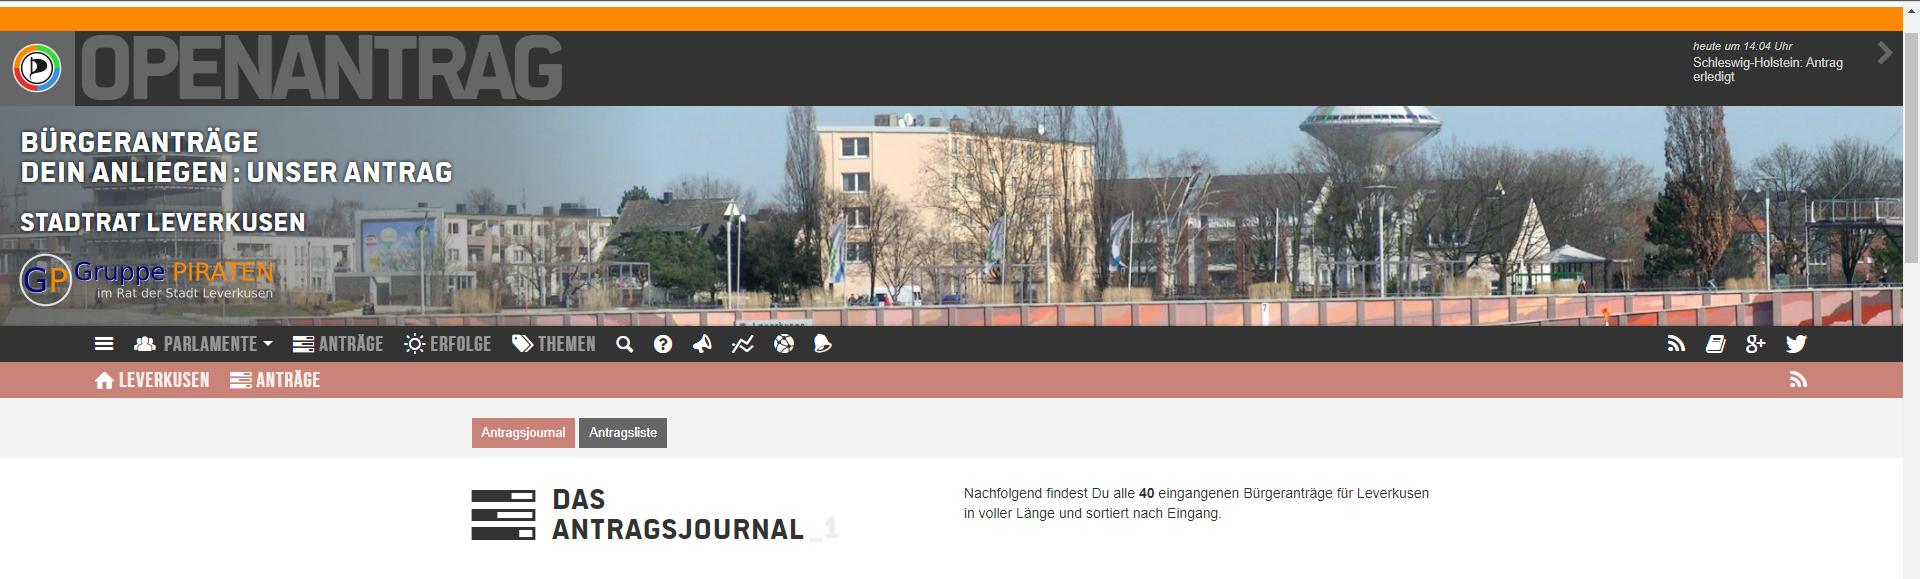 Banner von OpenAntrag Leverkusen